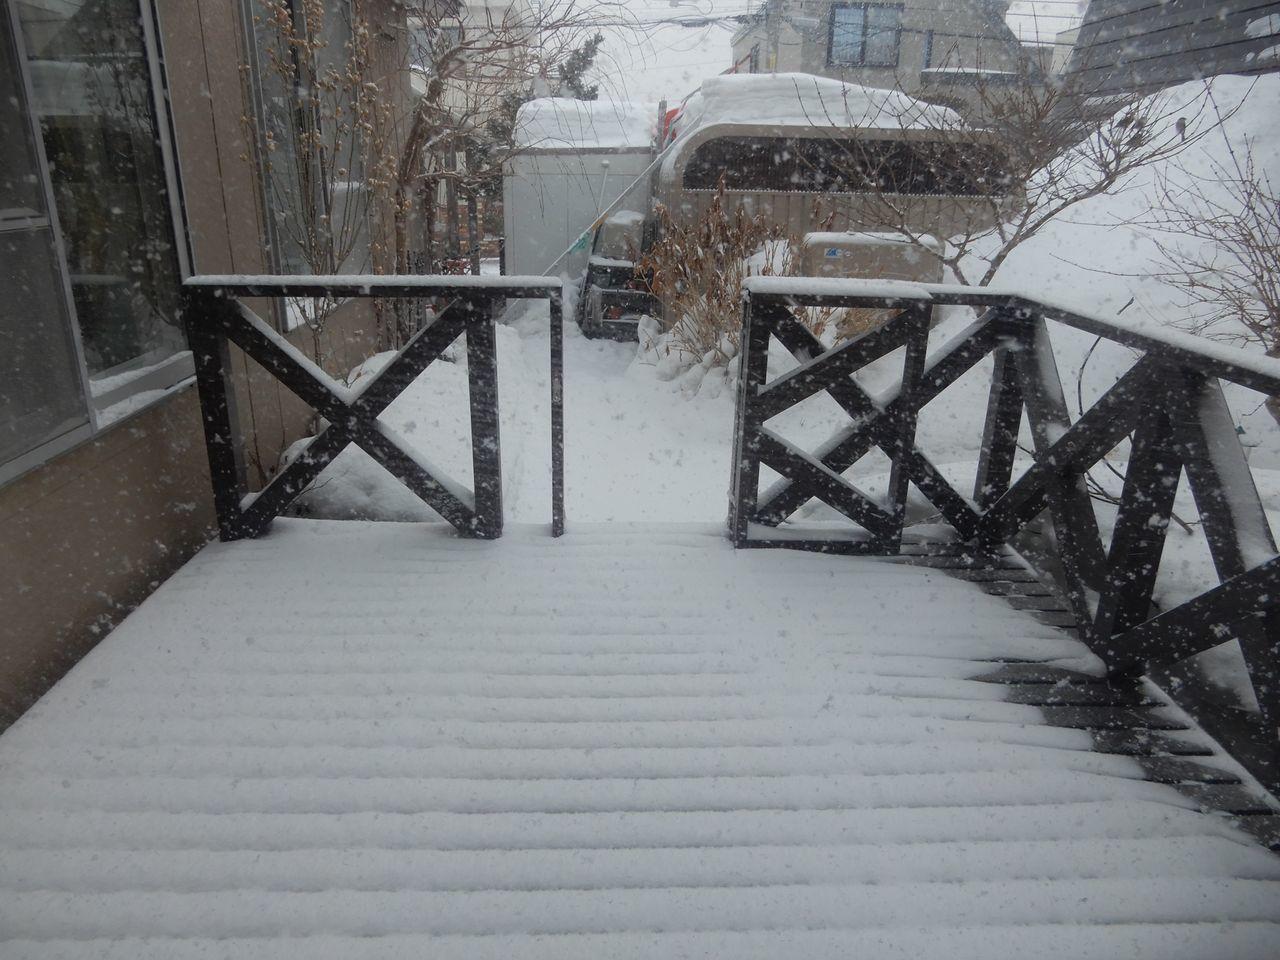 春の暖かさから一転して真冬日に逆戻り_c0025115_21443142.jpg